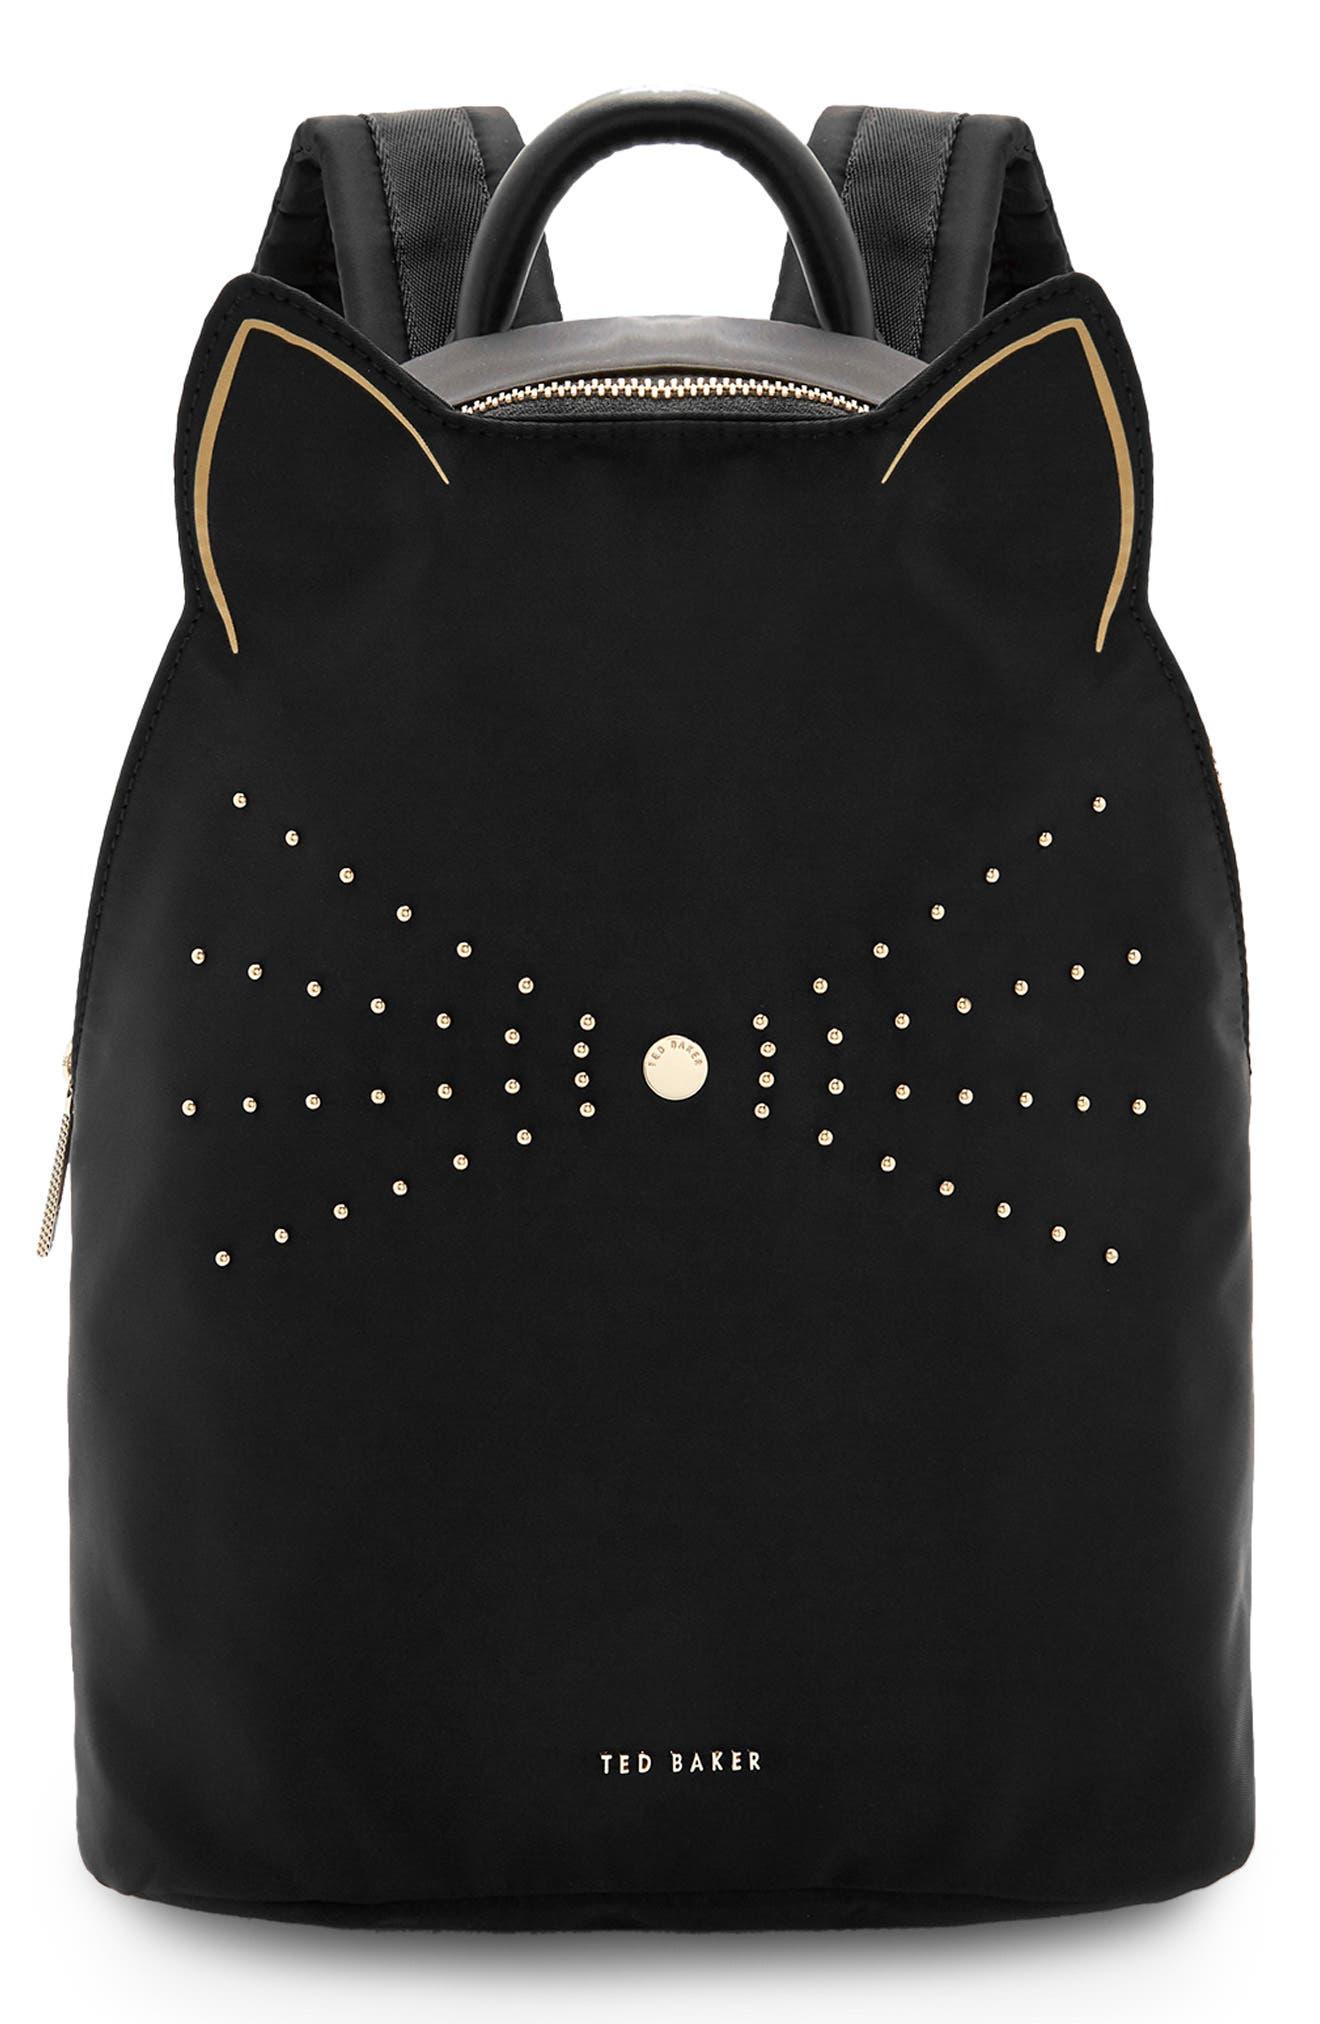 Katt Nylon Backpack - Black